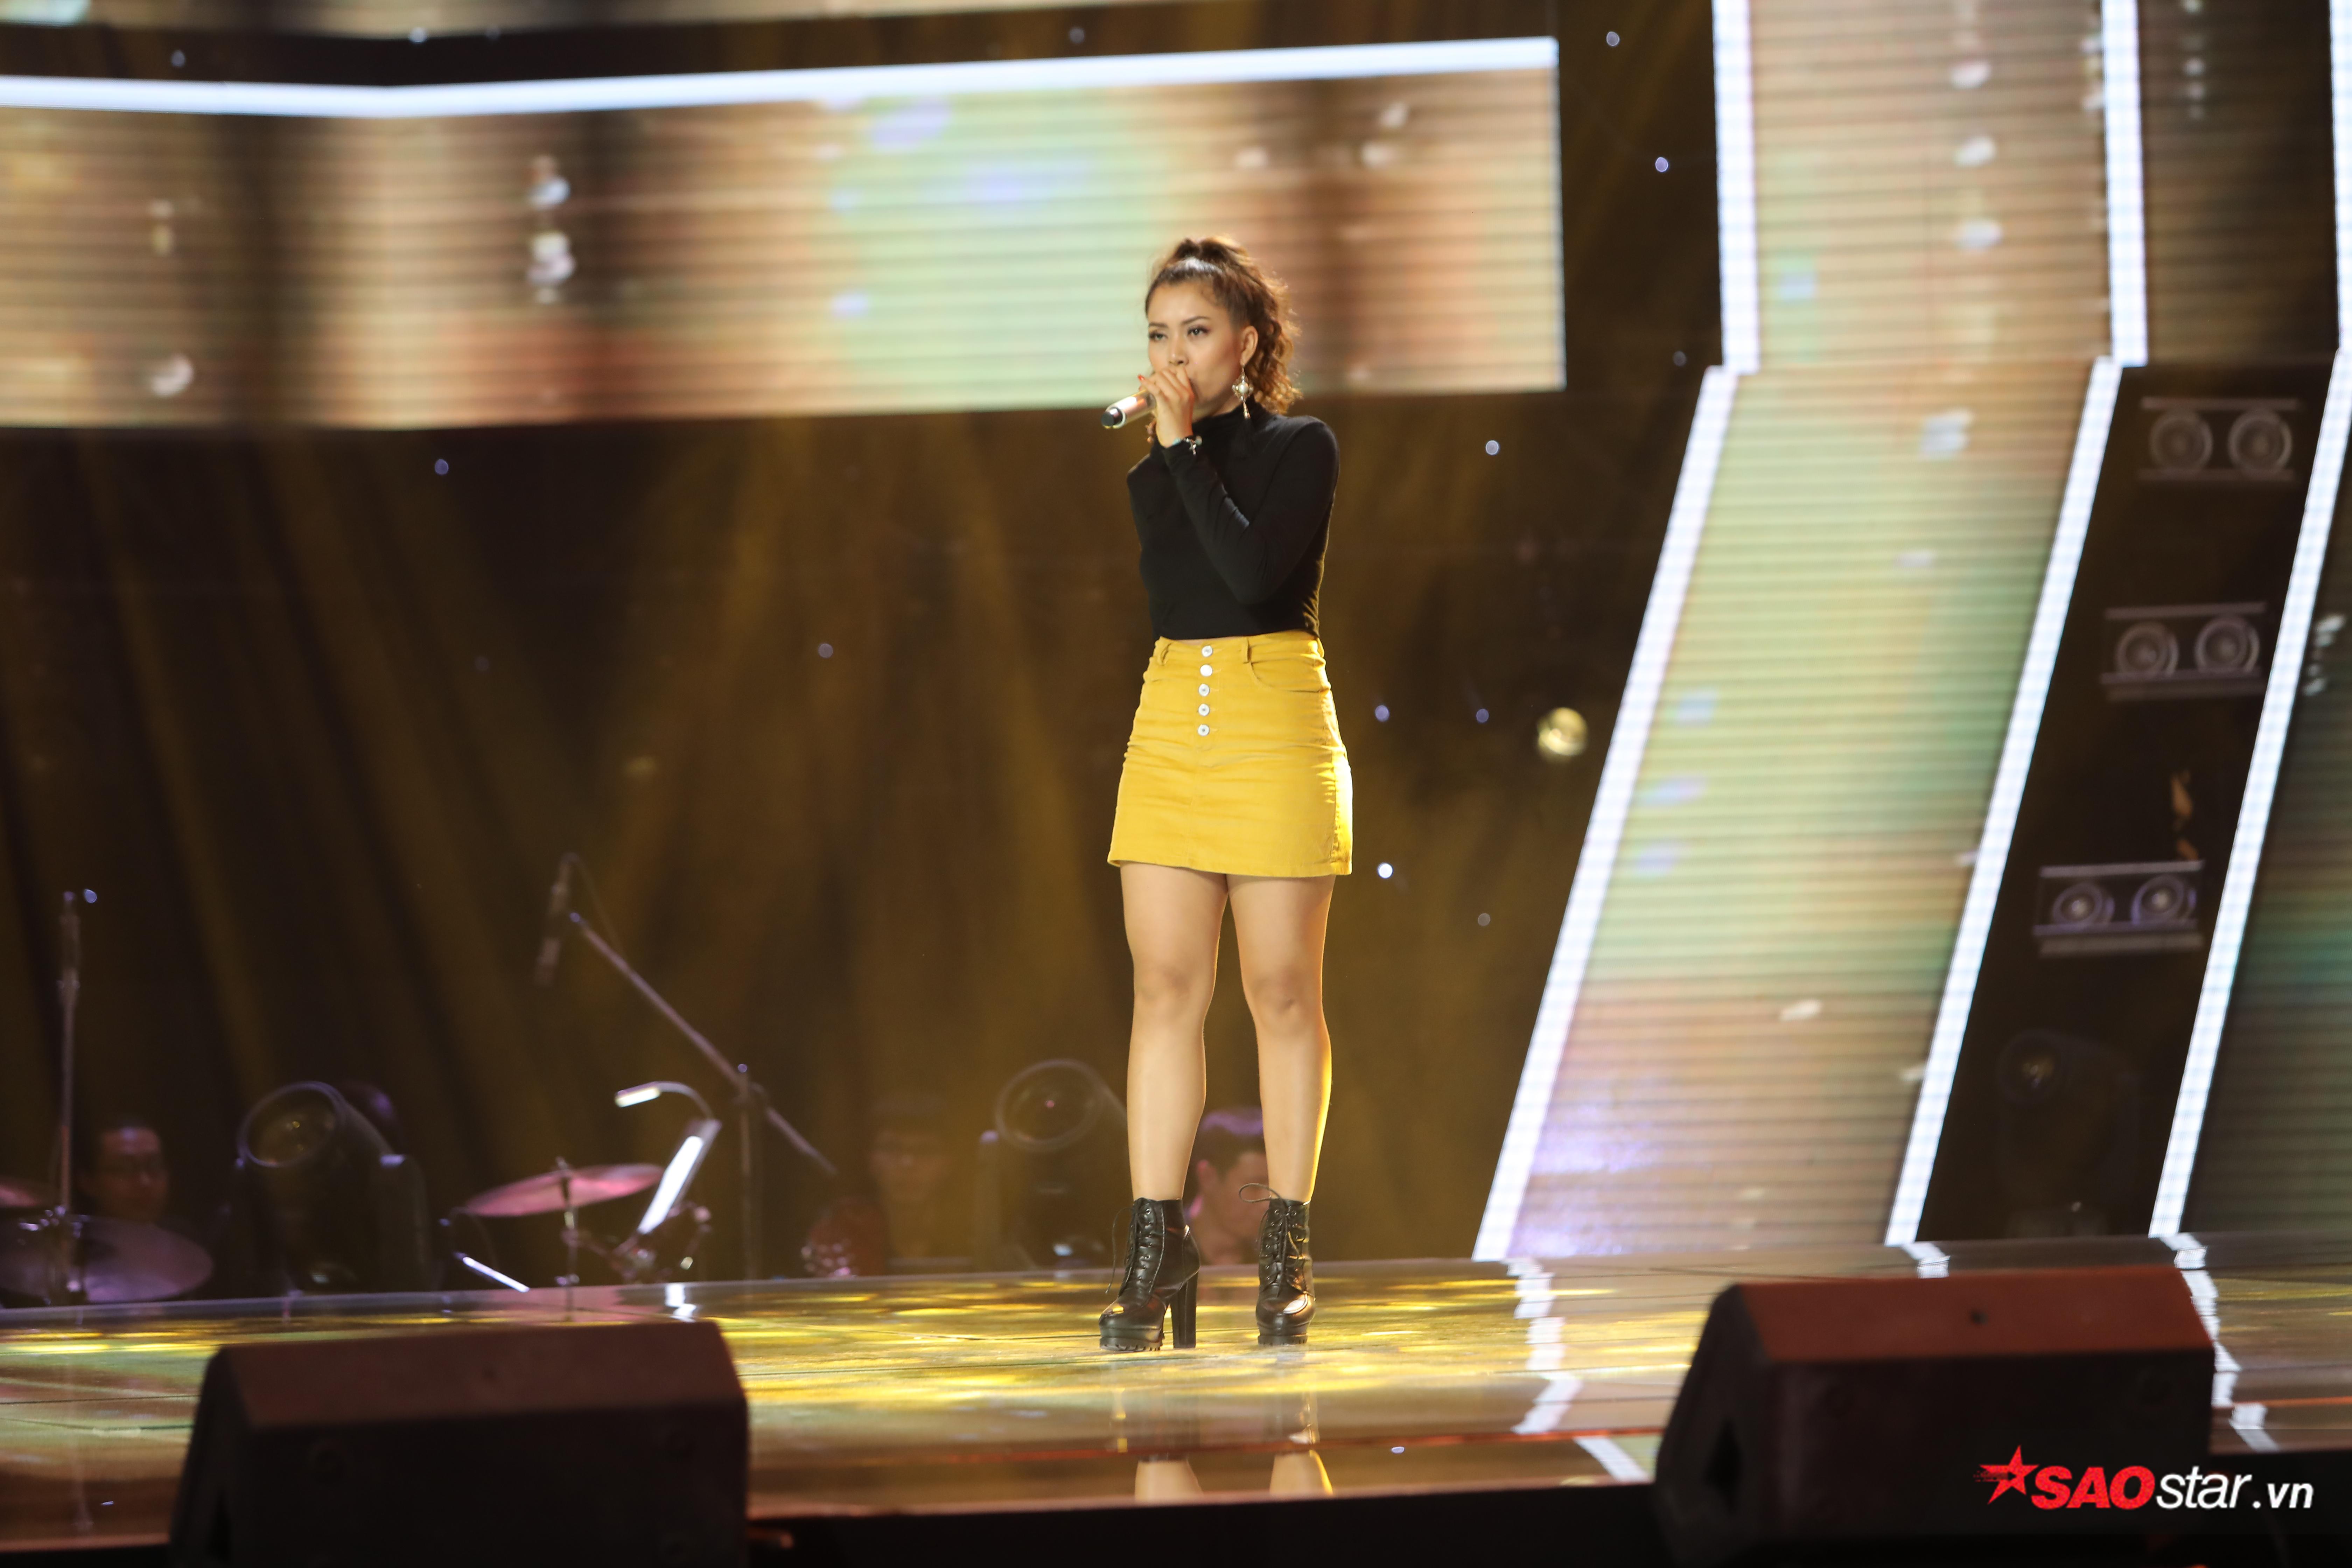 Không chỉ Việt Nam, thí sinh từ Âu sang Á đồng loạt góp mặt tại The Voice 2018!